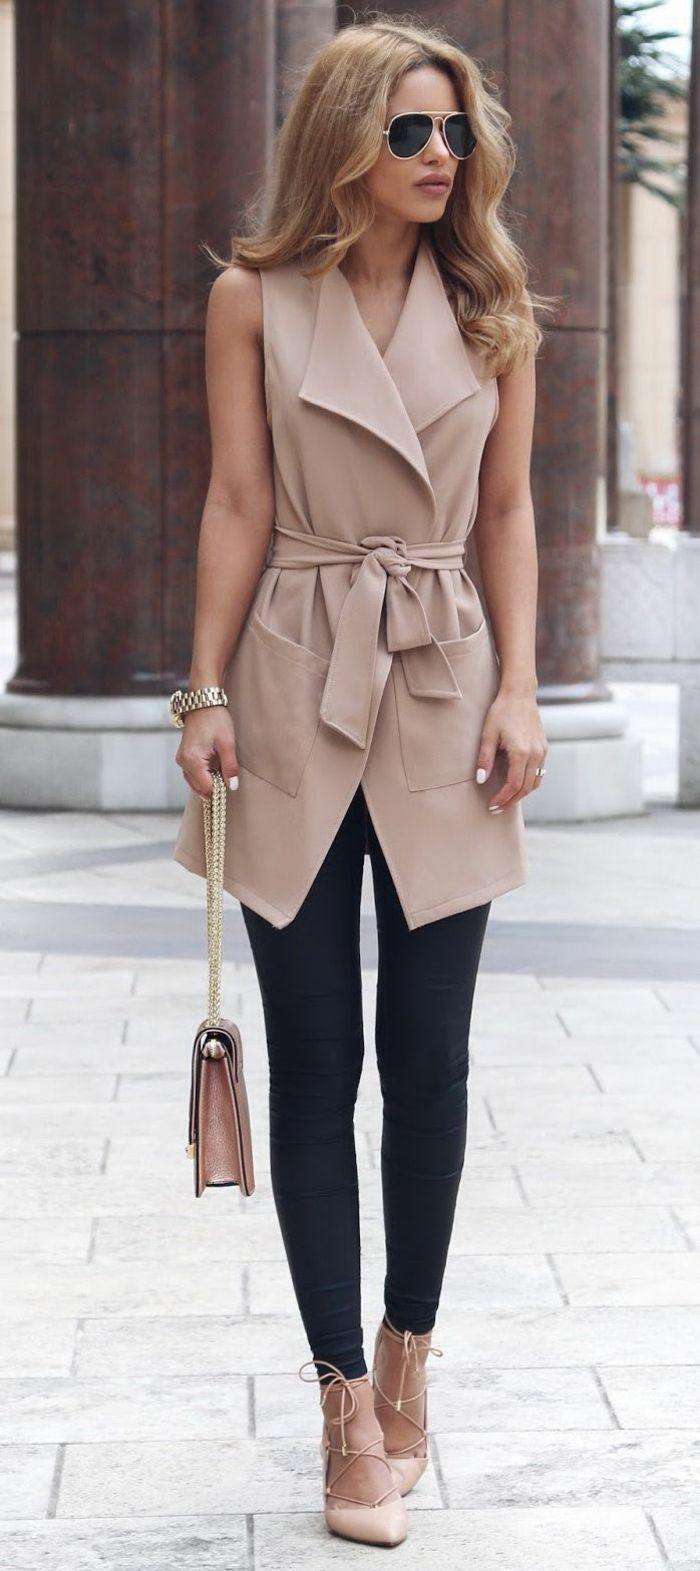 ff39c56ac5f tenue classe femme tendance sans manches manteau Mode femme élégante et  tendance Blogueuse Consultante en image